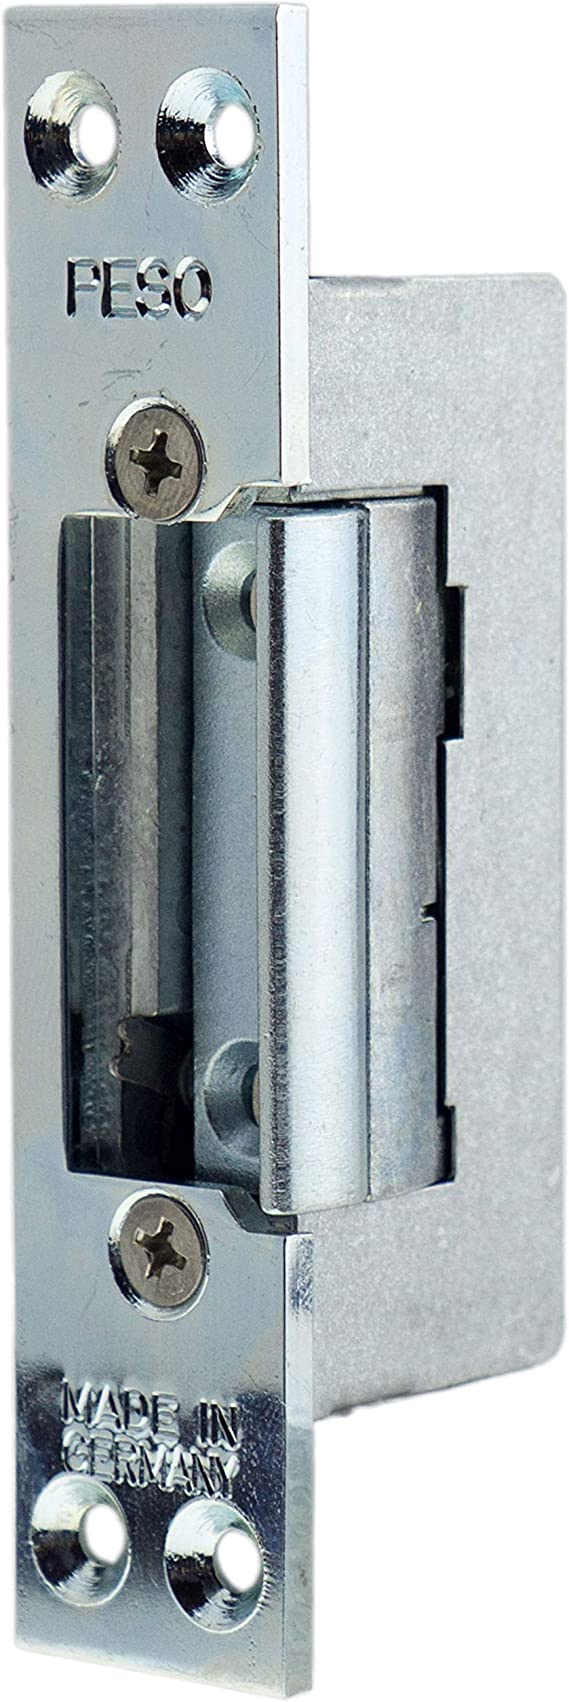 12/V avec loquet 110/x 25/et levier de d/éverrouillage Ouverture de porte /électrique Peso 300/A 6